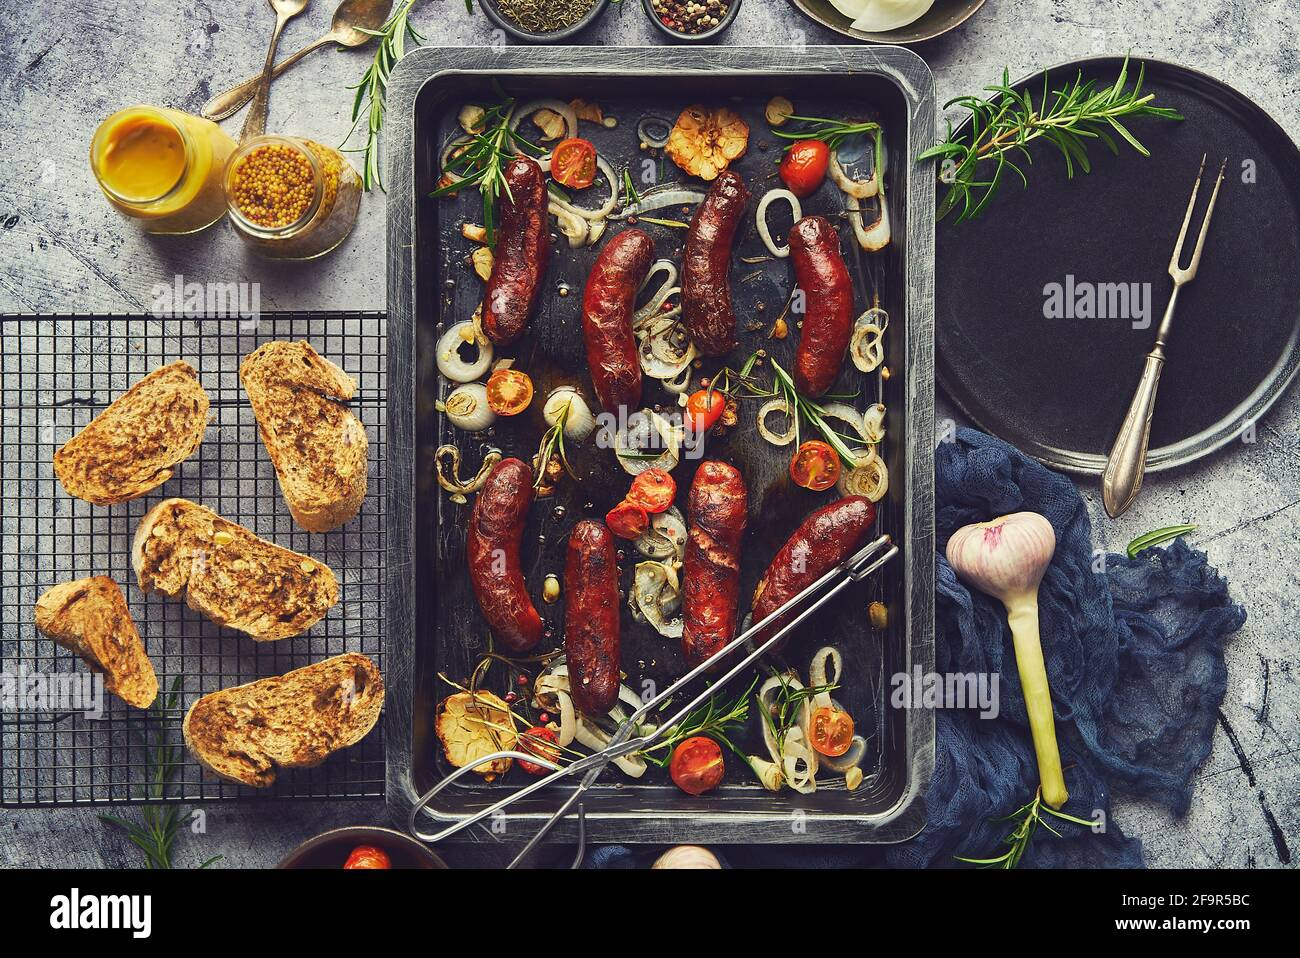 De délicieuses saucisses grillées servies sur un plateau en métal rouillé avec des légumes grillés Banque D'Images